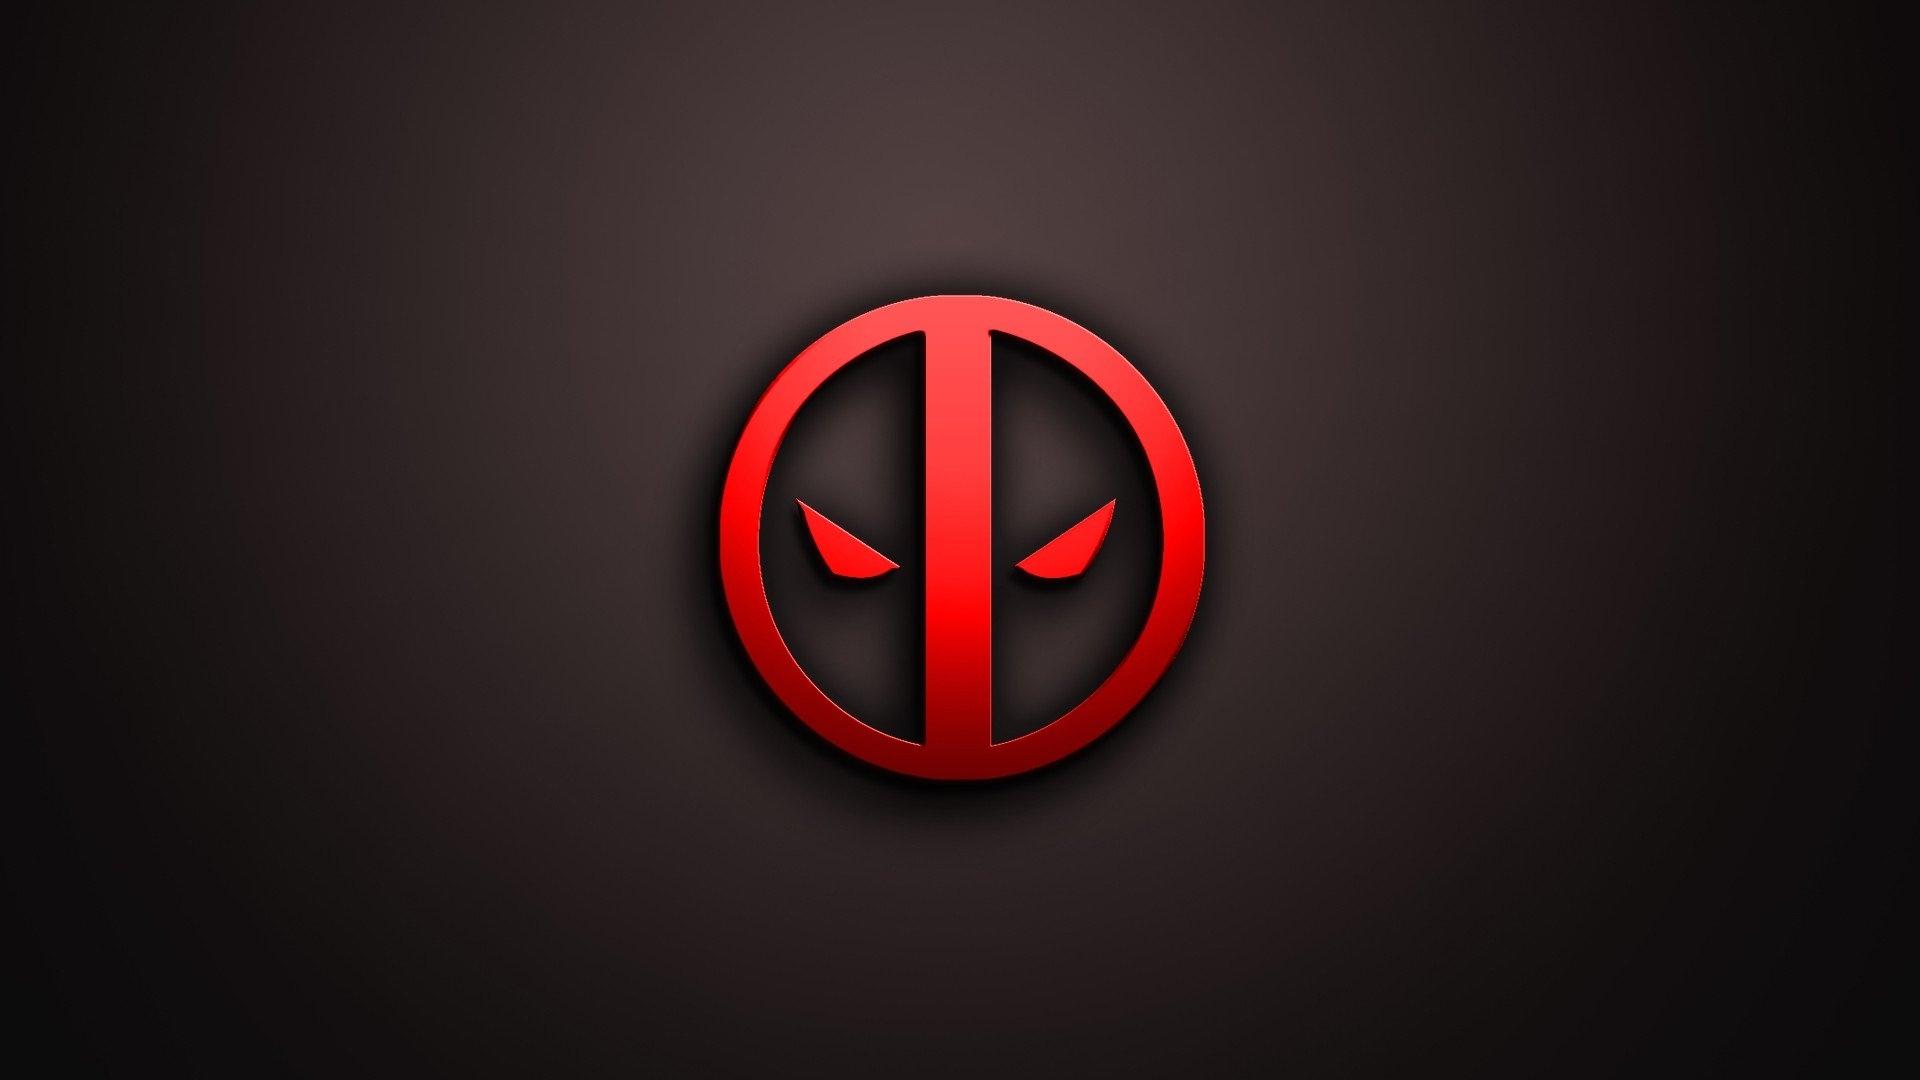 deadpool movie logo wallpaper hd resolution ~ desktop wallpaper box